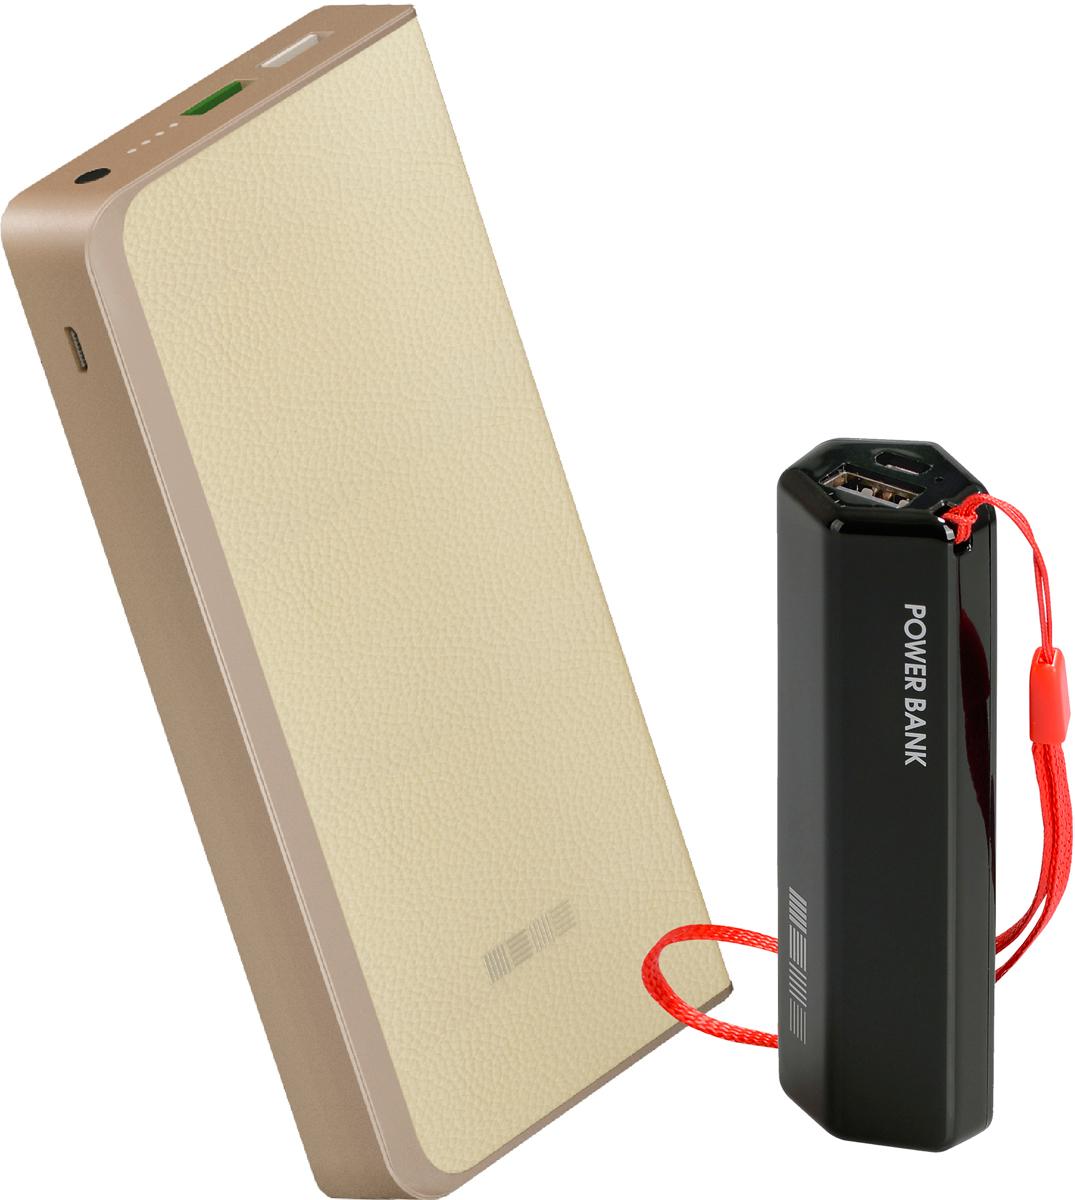 Interstep PB12000QC (12000 мАч), Beige + PB30001 (3000 мАч) комплект внешних аккумуляторов45806POLYMER, с Quick Charge 2.0 выходом и входом (DUAL WAY)до 3-х раз быстрее заряд смартфона с QCдо 3-х раз быстрее заряд самого Power bank (в QC режиме заряд осуществляется при 12В, вместо 5В при использовании QC зарядки)Поверхность PU кожаВес: 250 гр.